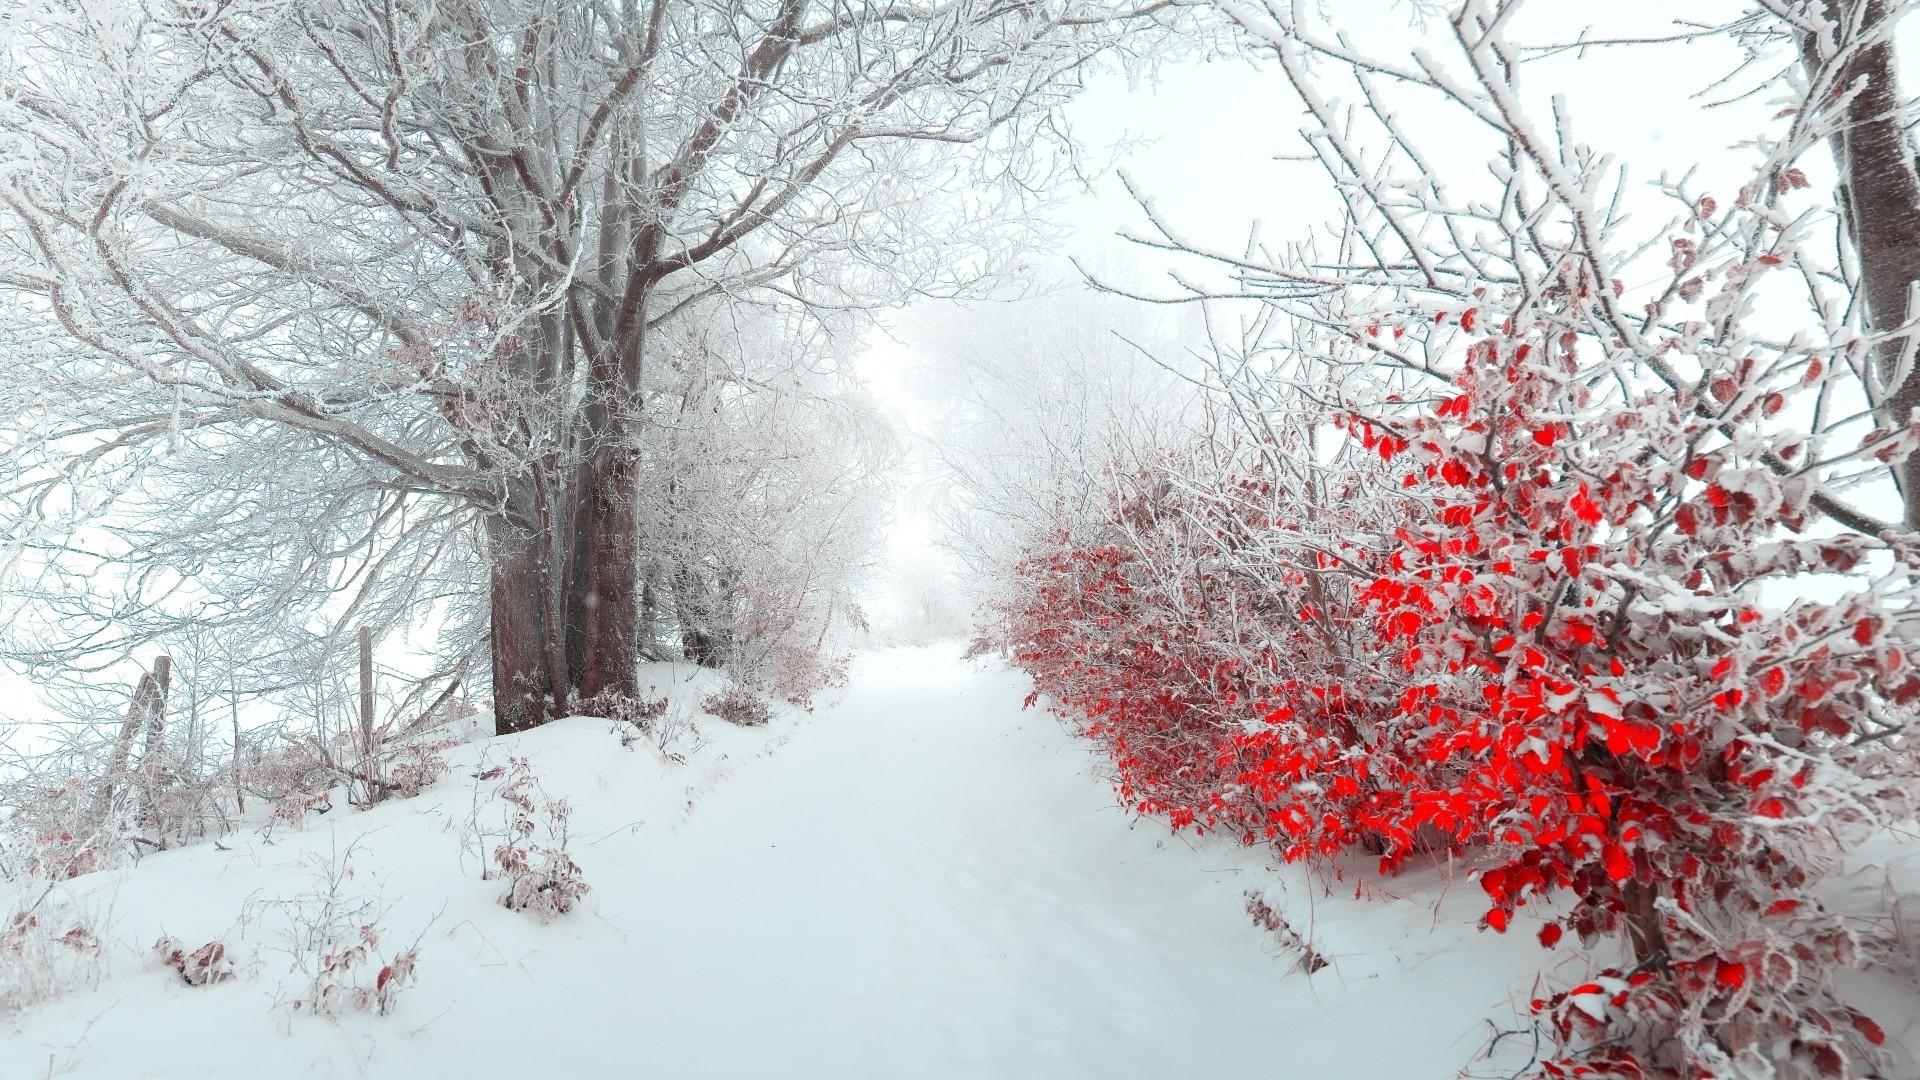 осень первый снег обои рабочего стола № 637037 загрузить